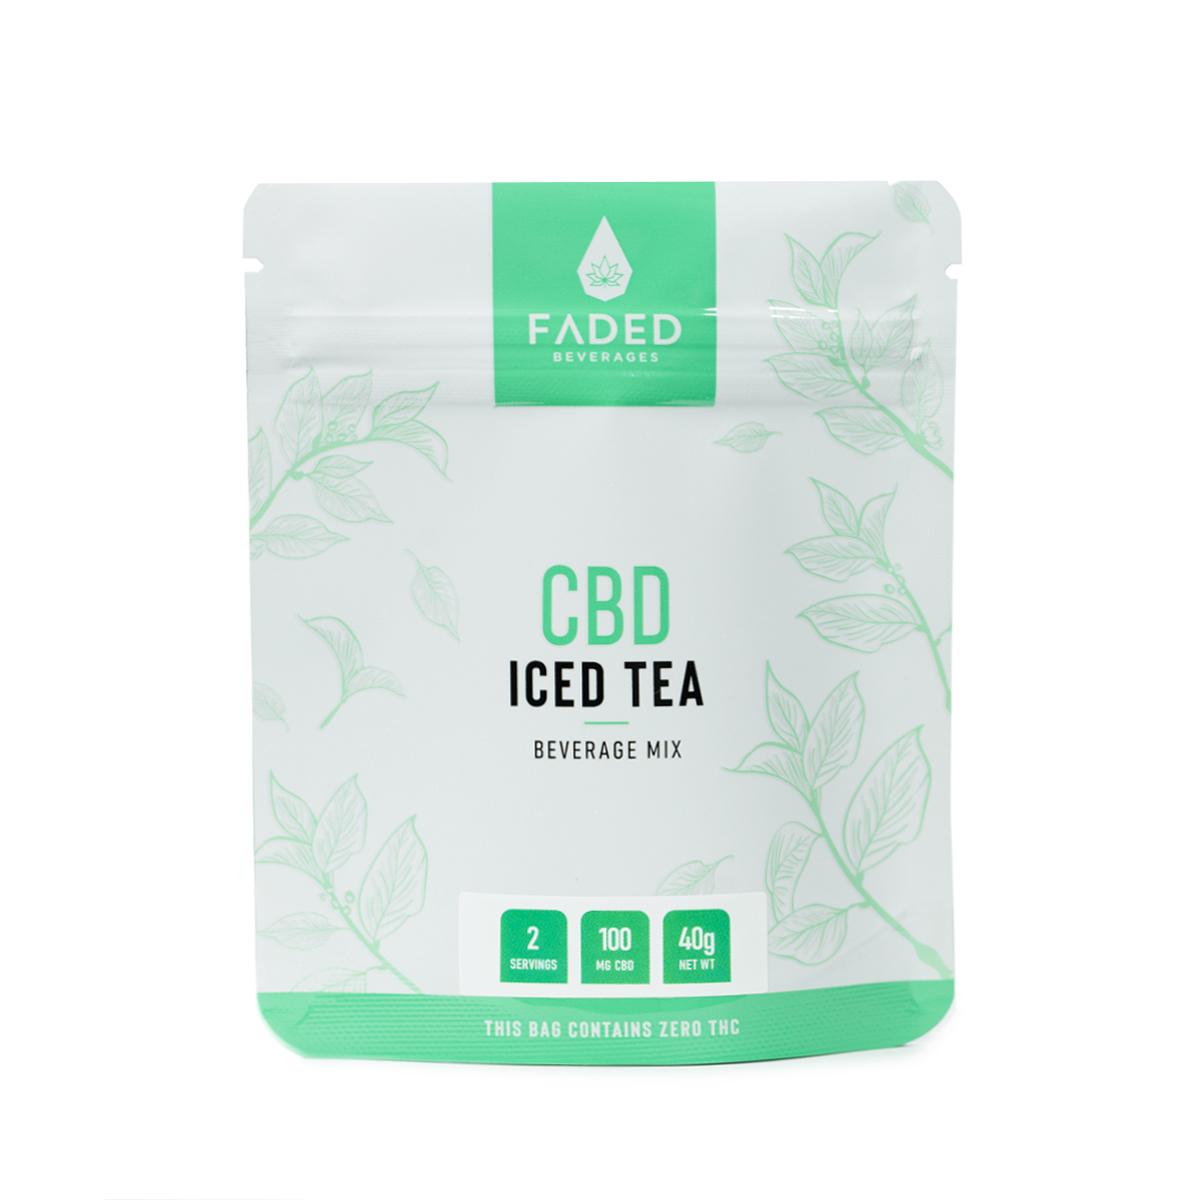 CBD Iced Tea